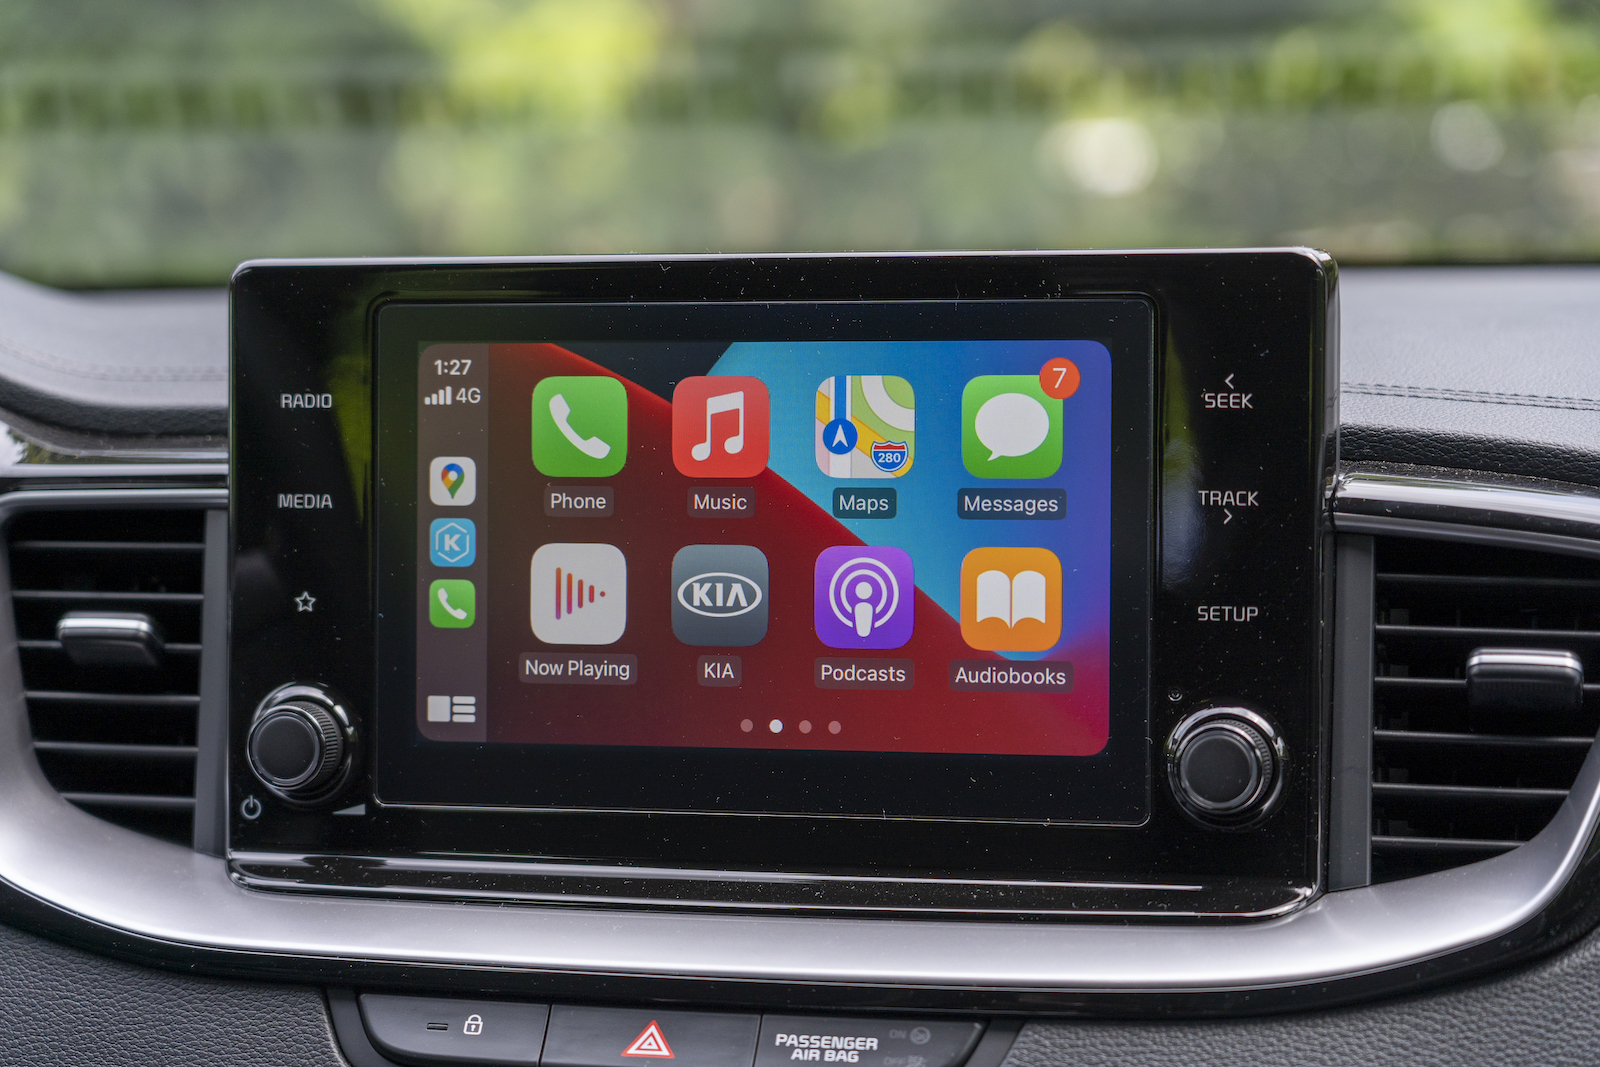 結合Apple CarPlay / Android Auto手機互聯系統,添增使用便利,也稍微解決了車機無中文介面的問題。